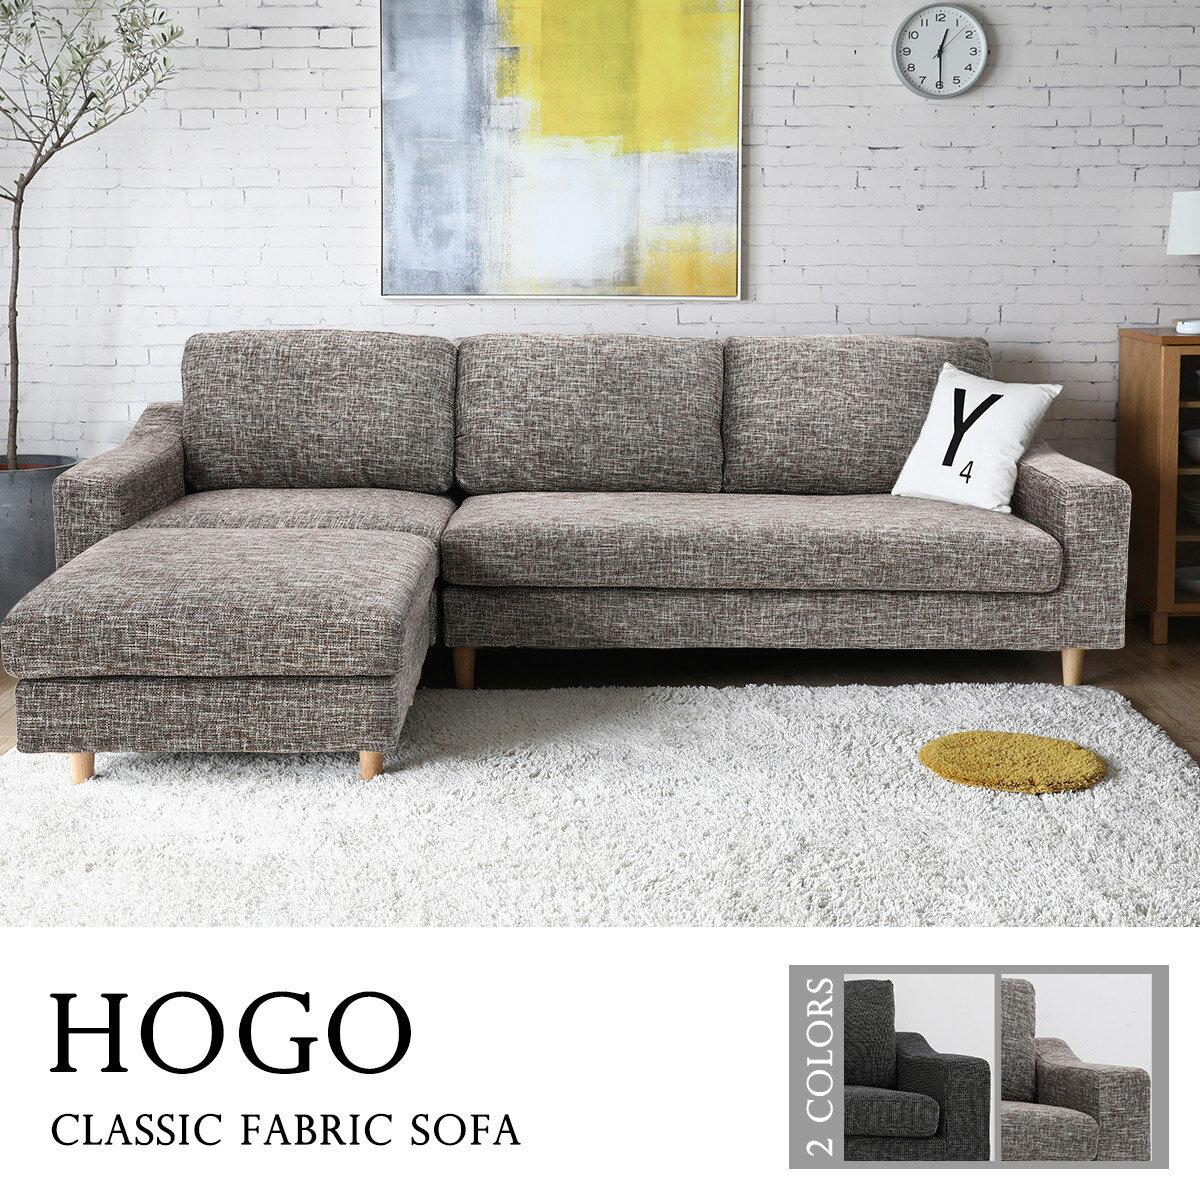 買家推薦★HOGO雨果簡約舒適沙發 / L型沙發-2色  /  H&D 3